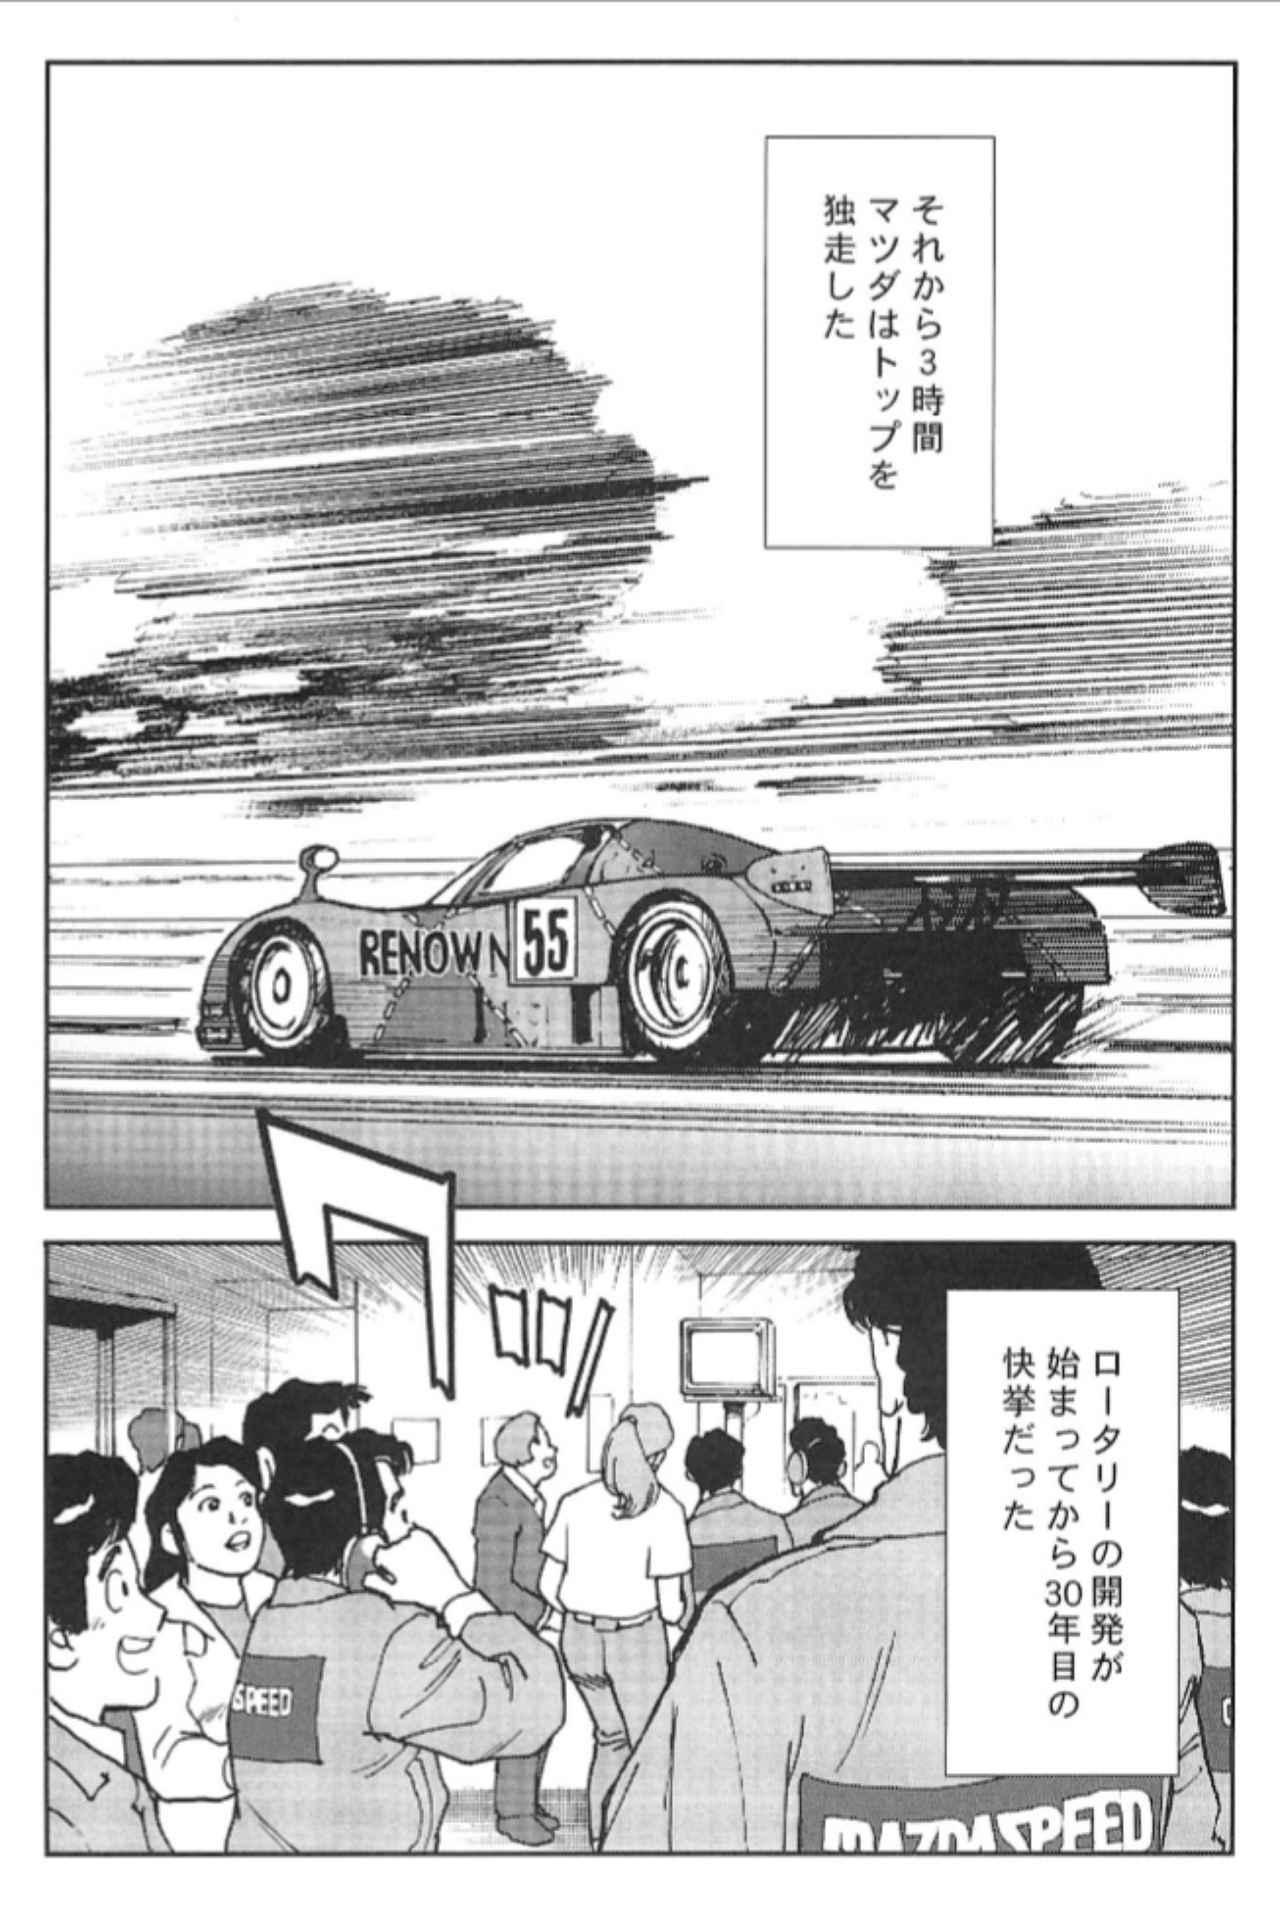 画像8: (夢を継ぐもの~ロータリー・エンジン開発物語@モーターマガジン社) blogs.yahoo.co.jp